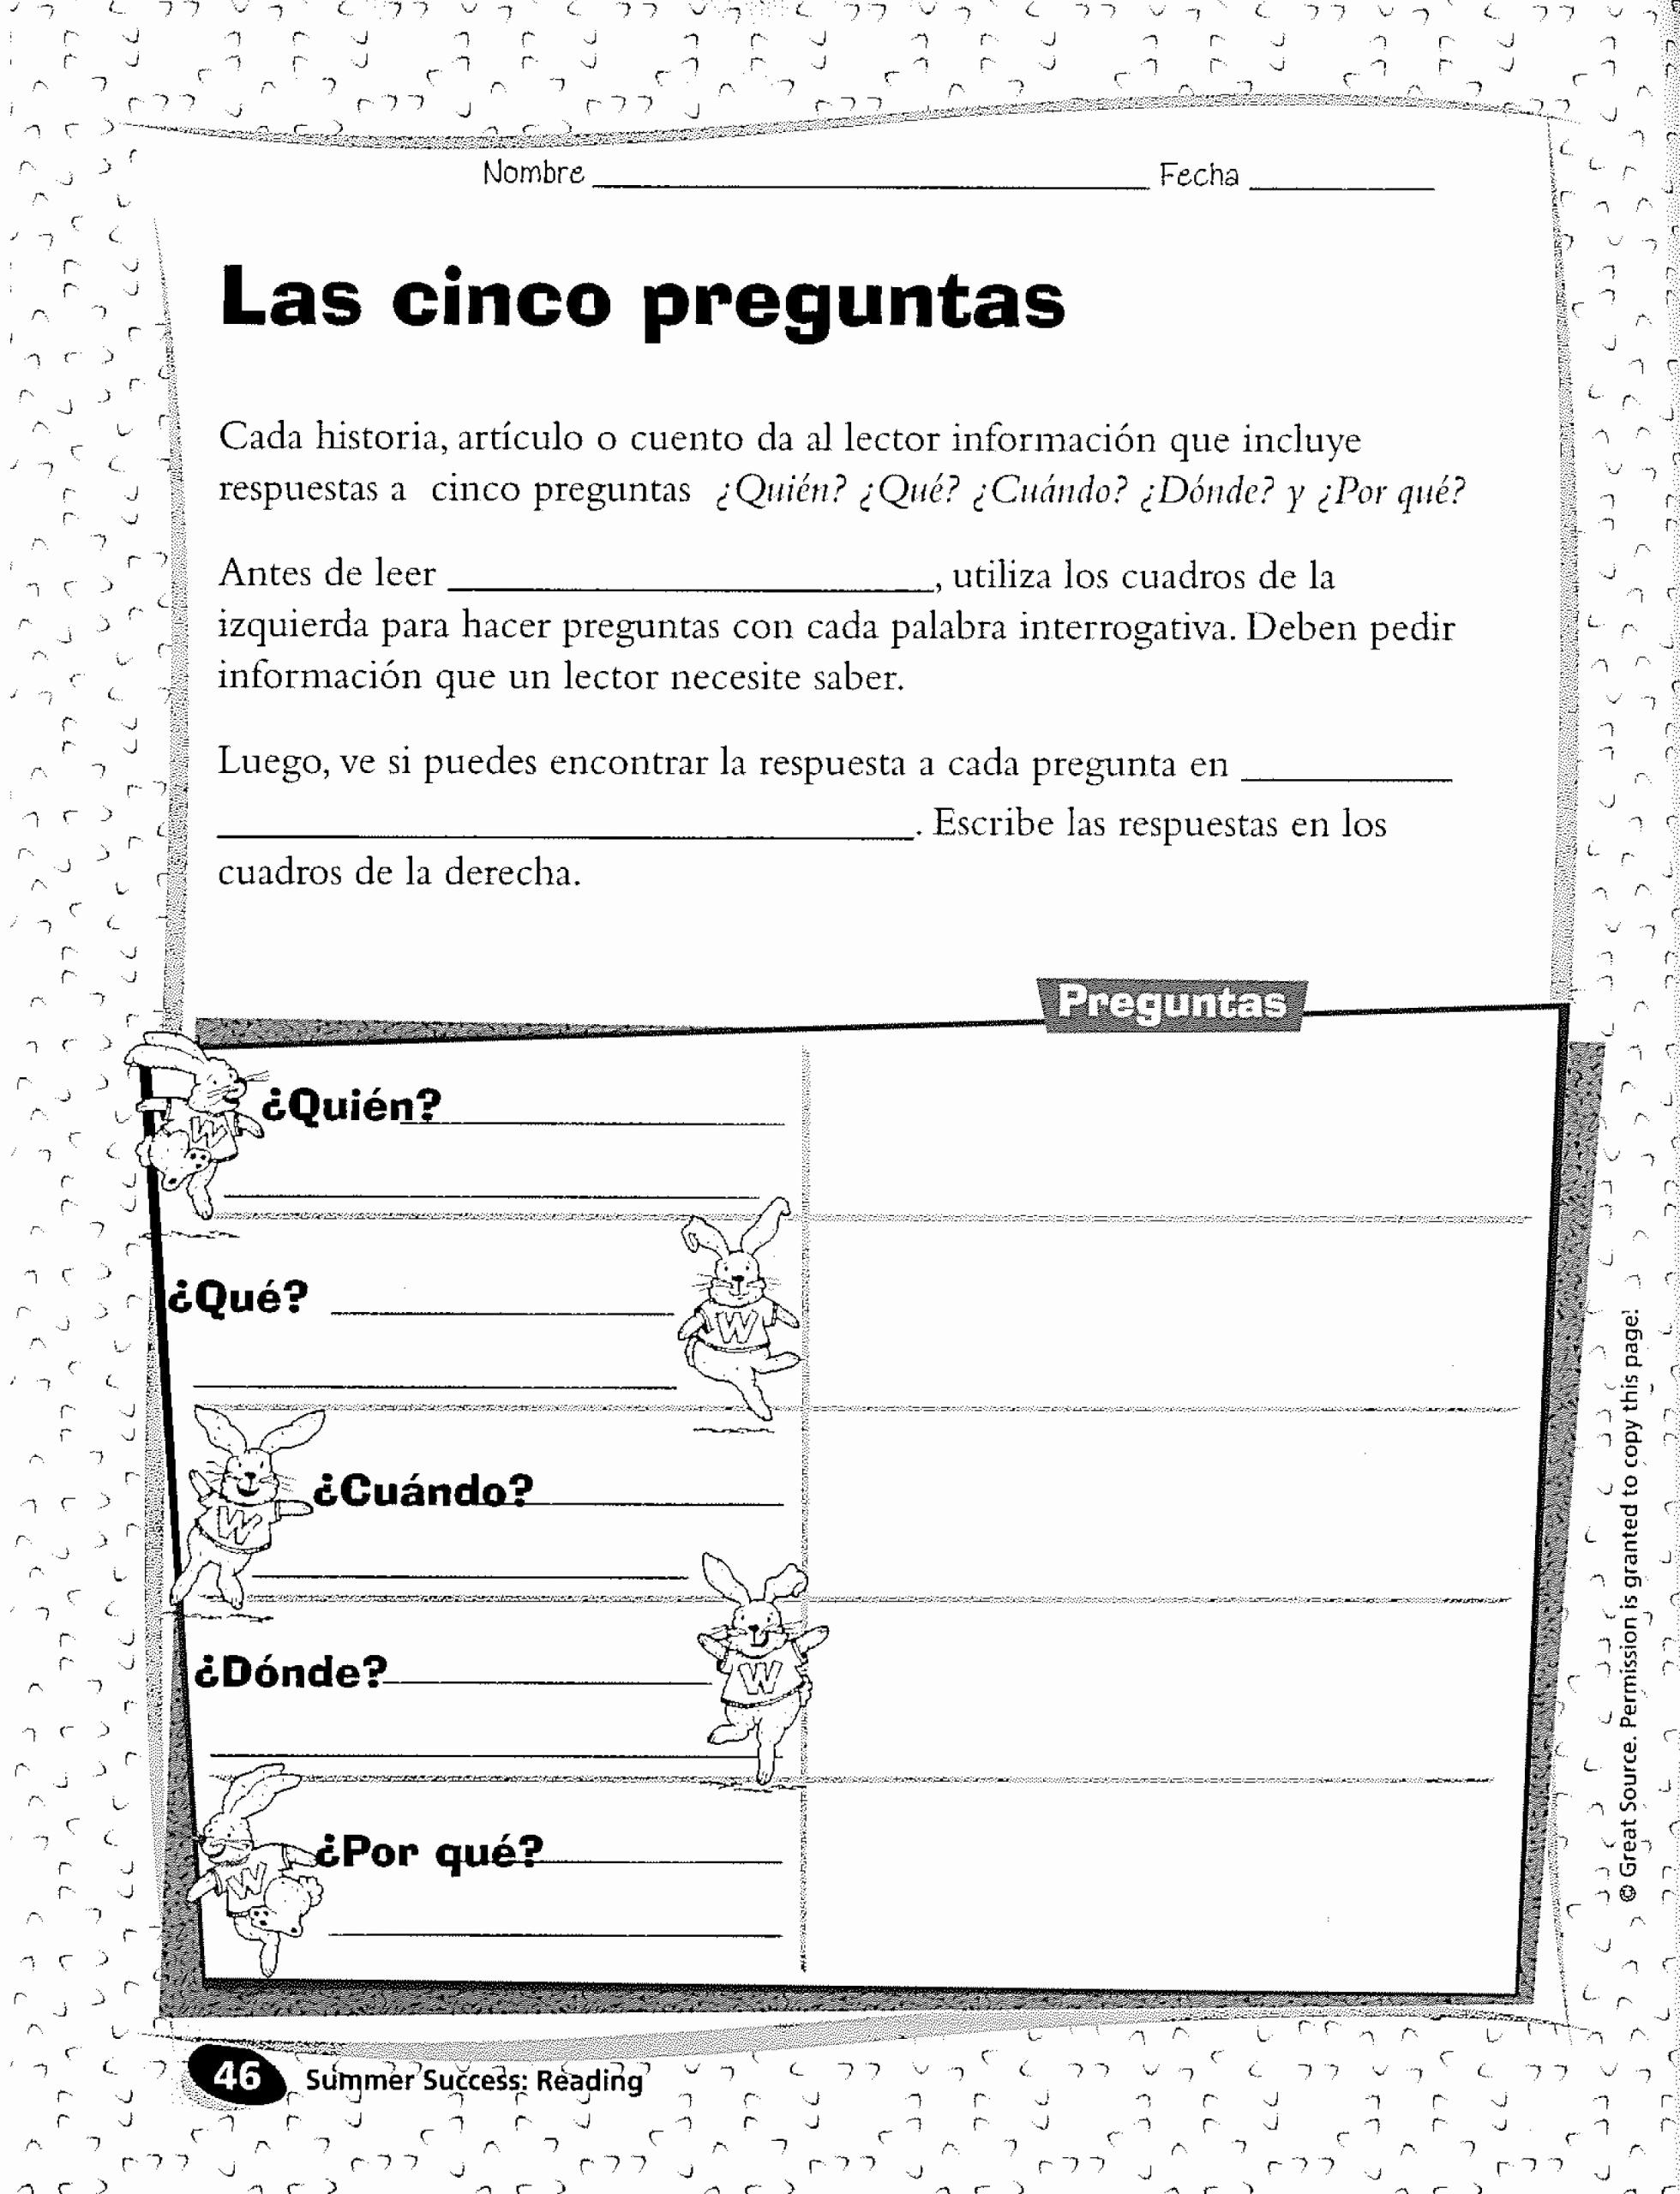 Prediction Worksheets for 3rd Grade Elegant 20 Prediction Worksheets for 3rd Grade